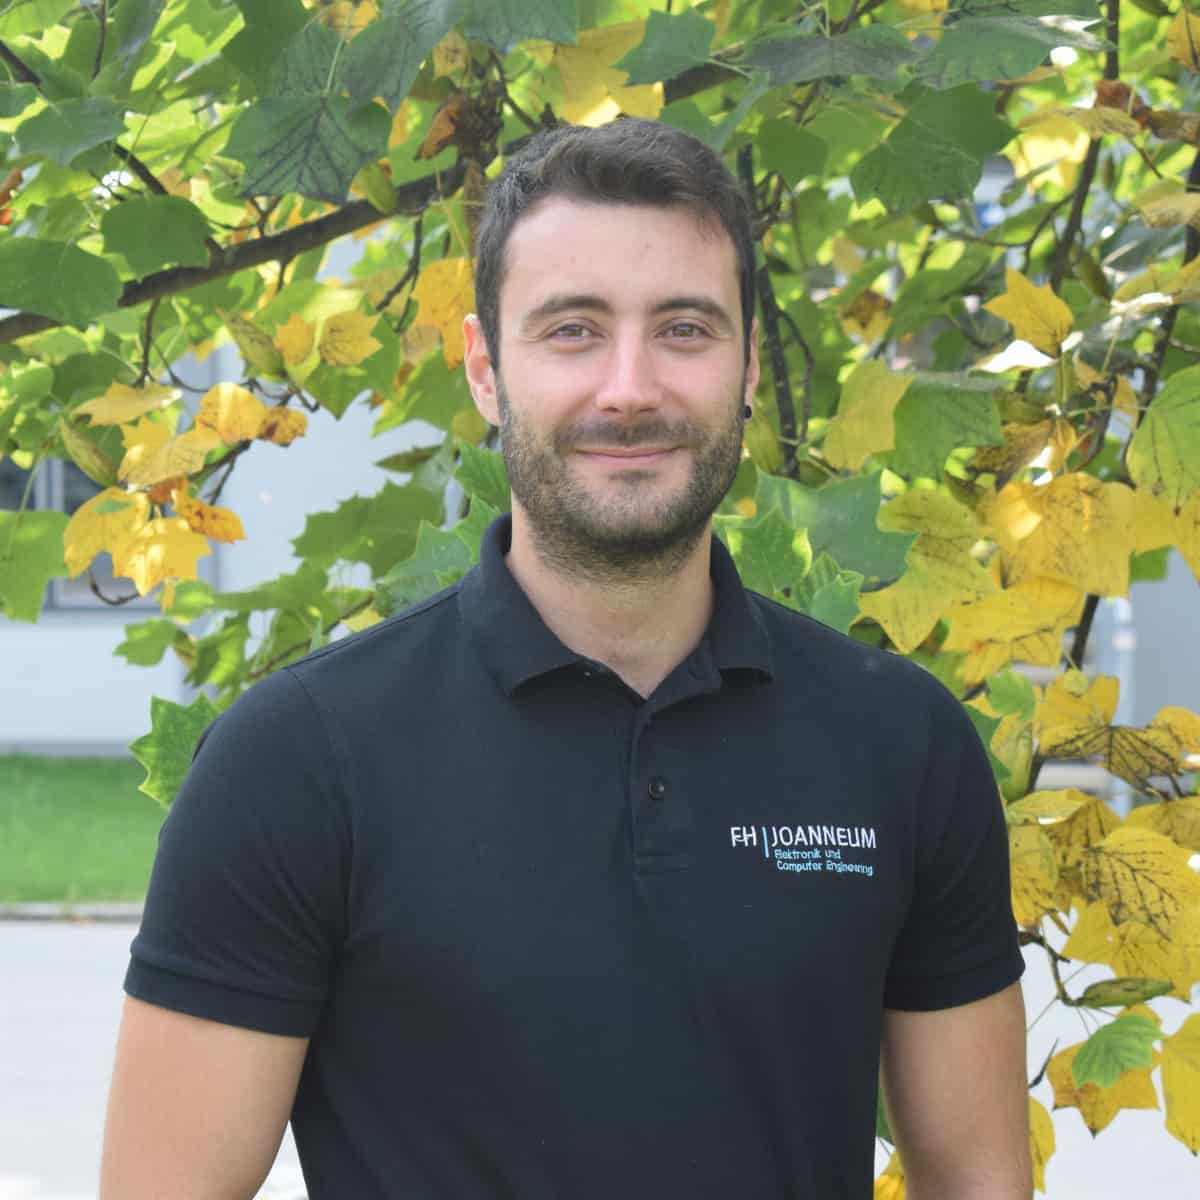 Luis Alfonso Fernandez Serantes schätzt seine Arbeit im Bereich Leistungselektronik.